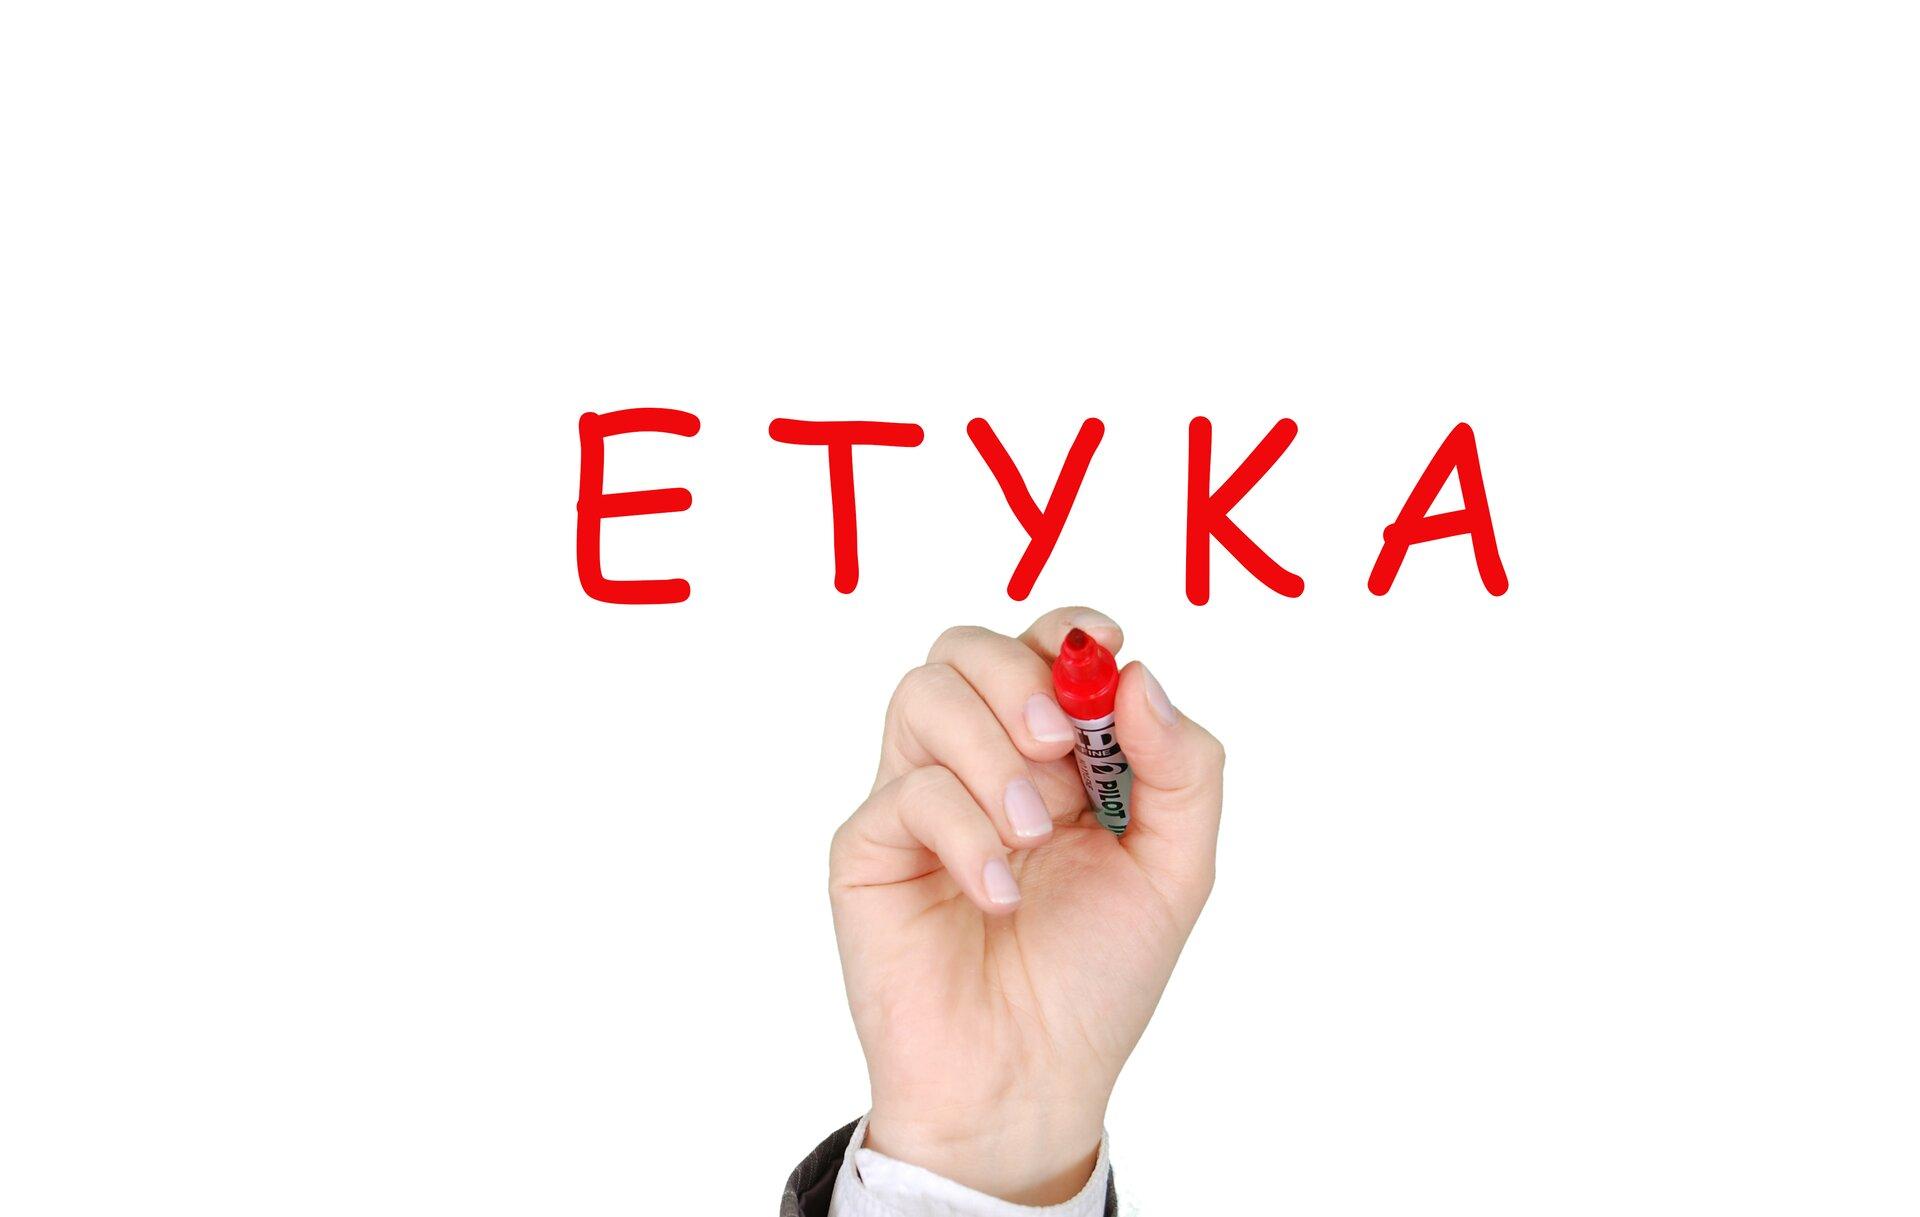 etyka Źródło: pixabay, licencja: CC 0.